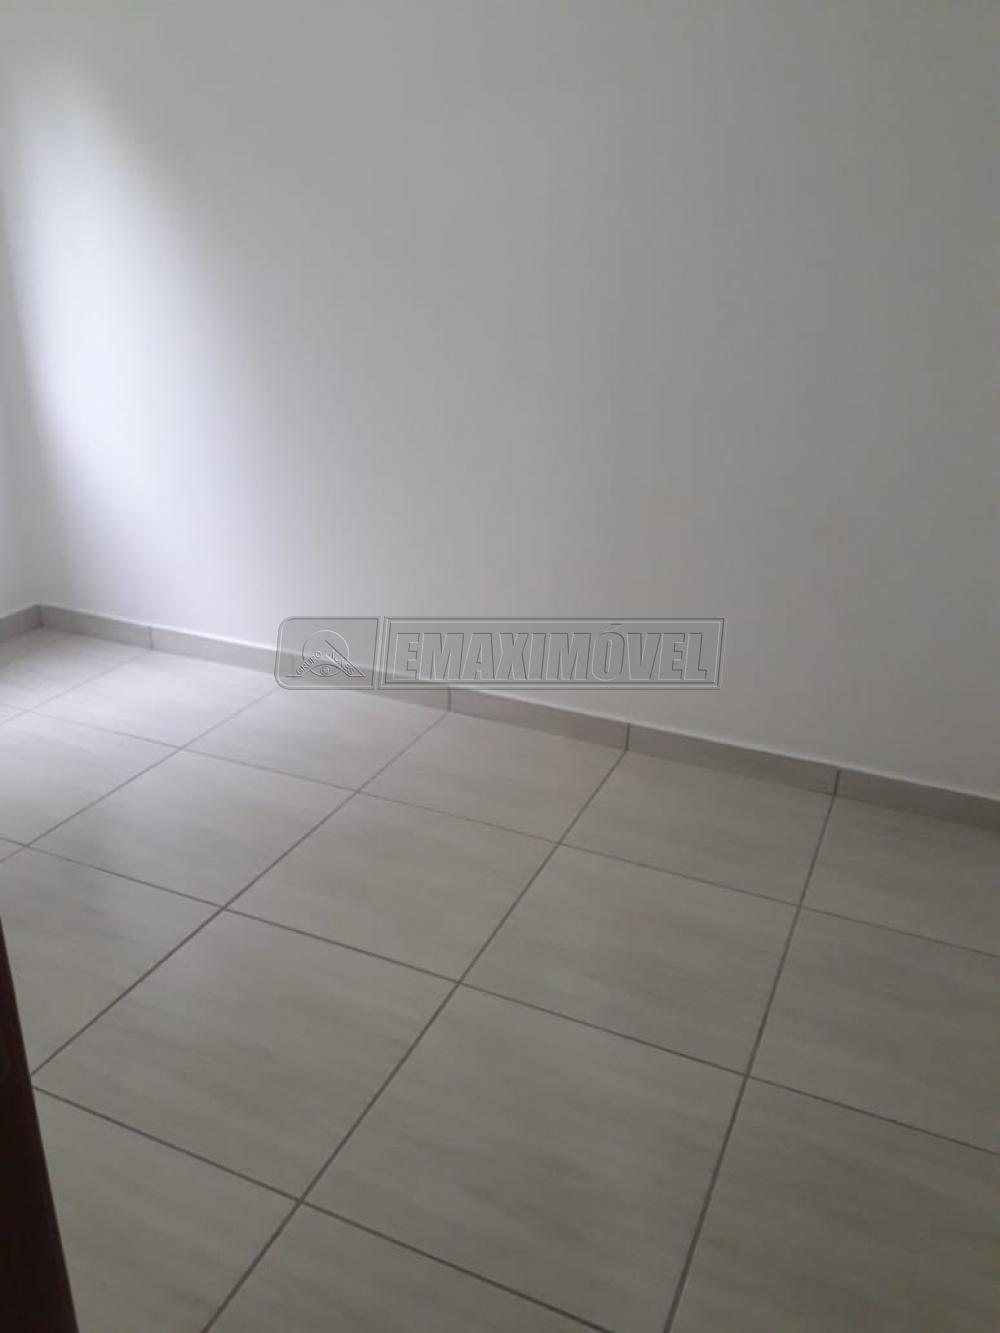 Comprar Apartamento / Padrão em Sorocaba R$ 180.000,00 - Foto 12